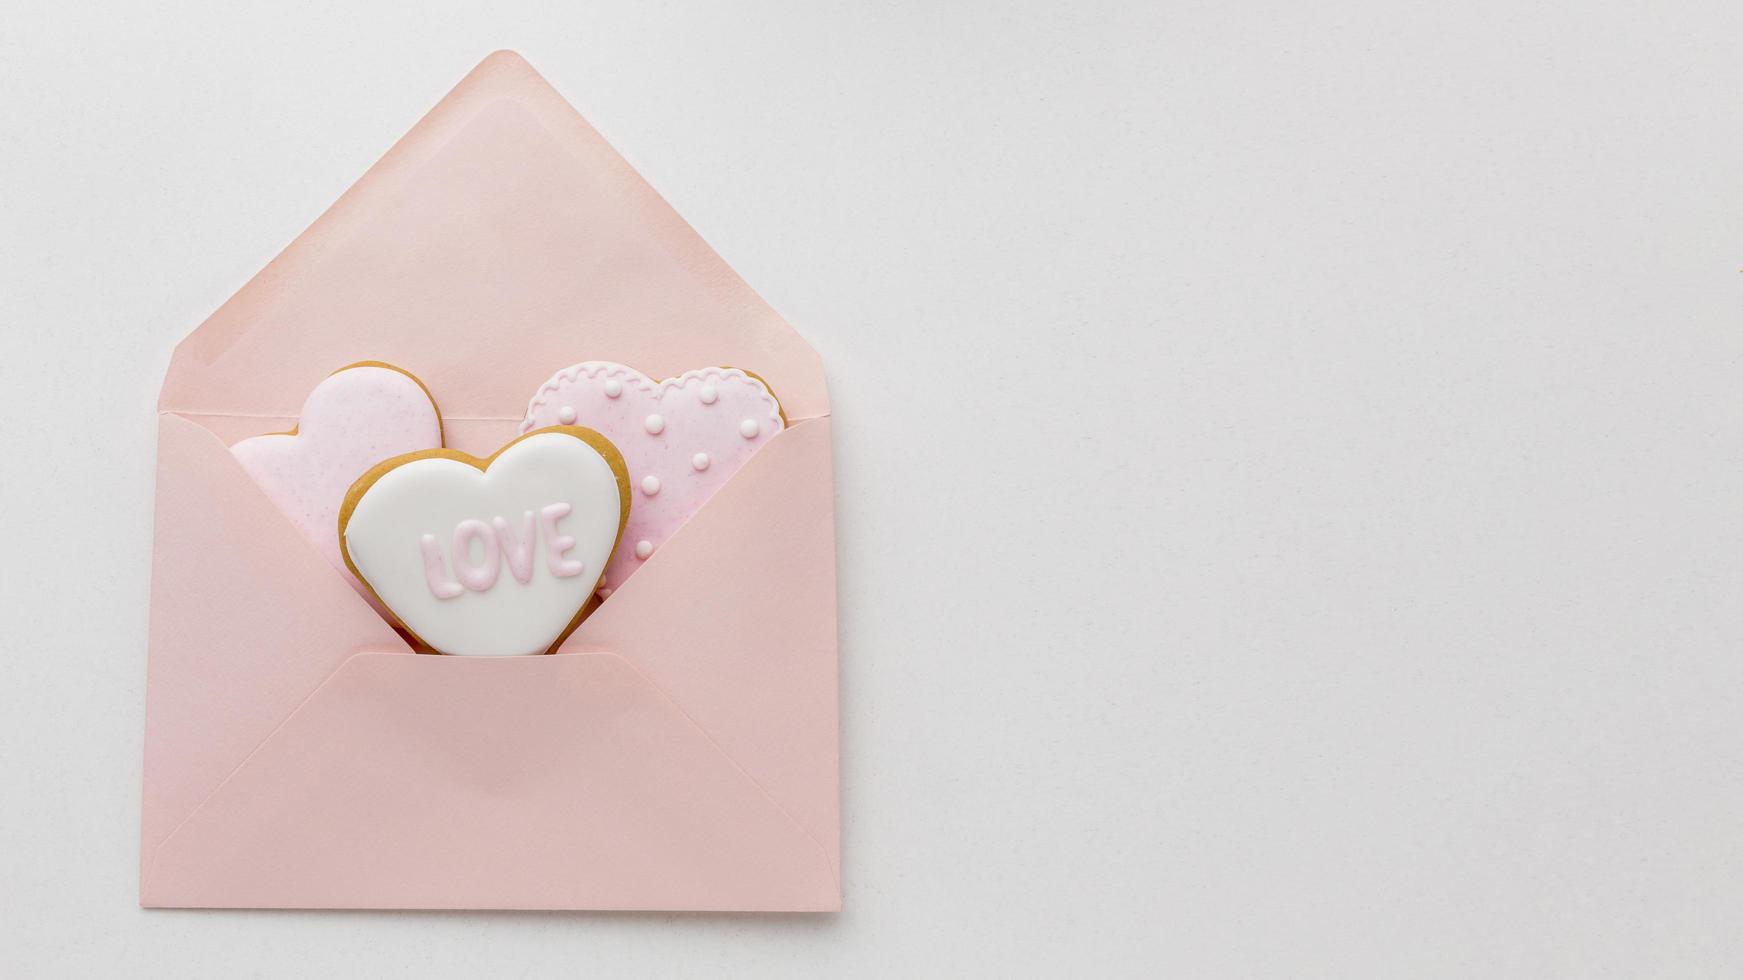 Valentijnsdag cookies in een envelop foto